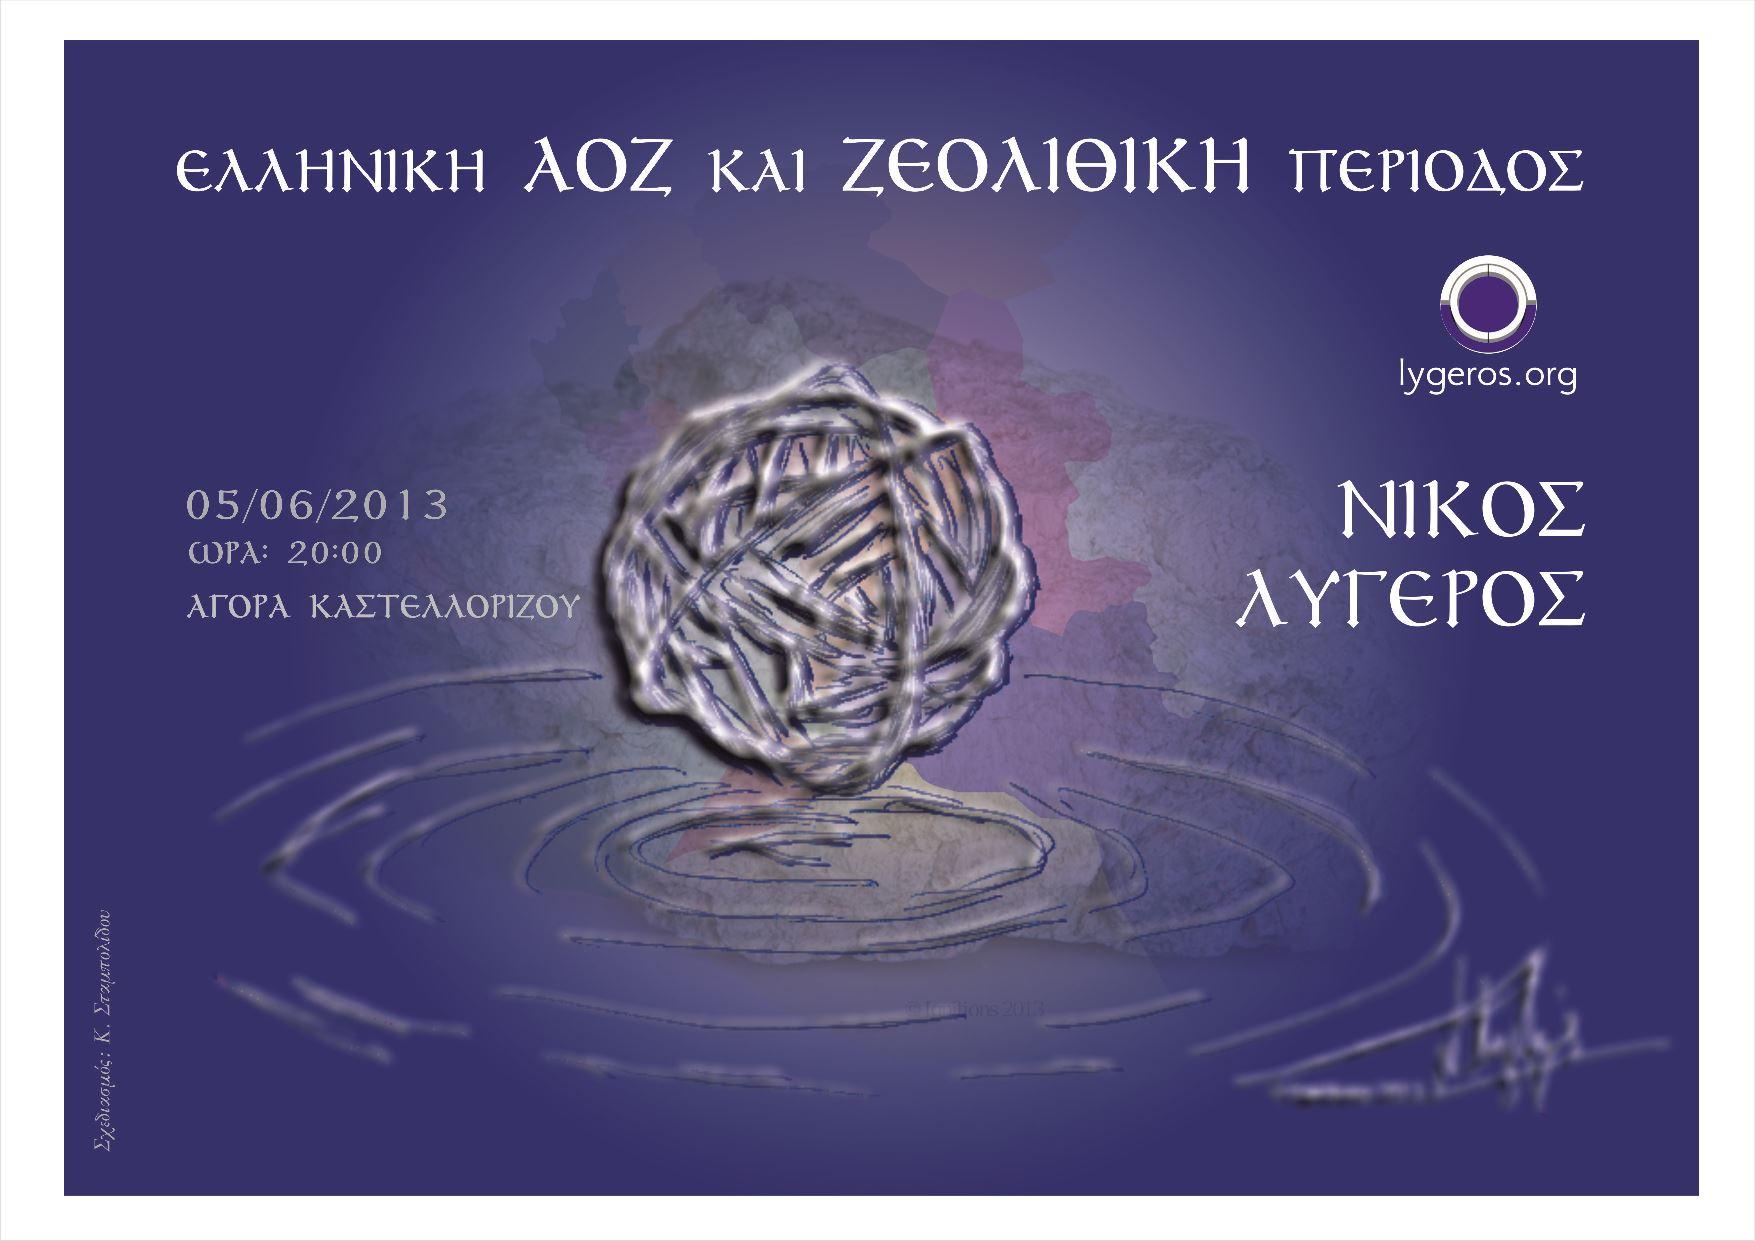 Ελληνική ΑΟΖ και Ζεολιθική περίοδος